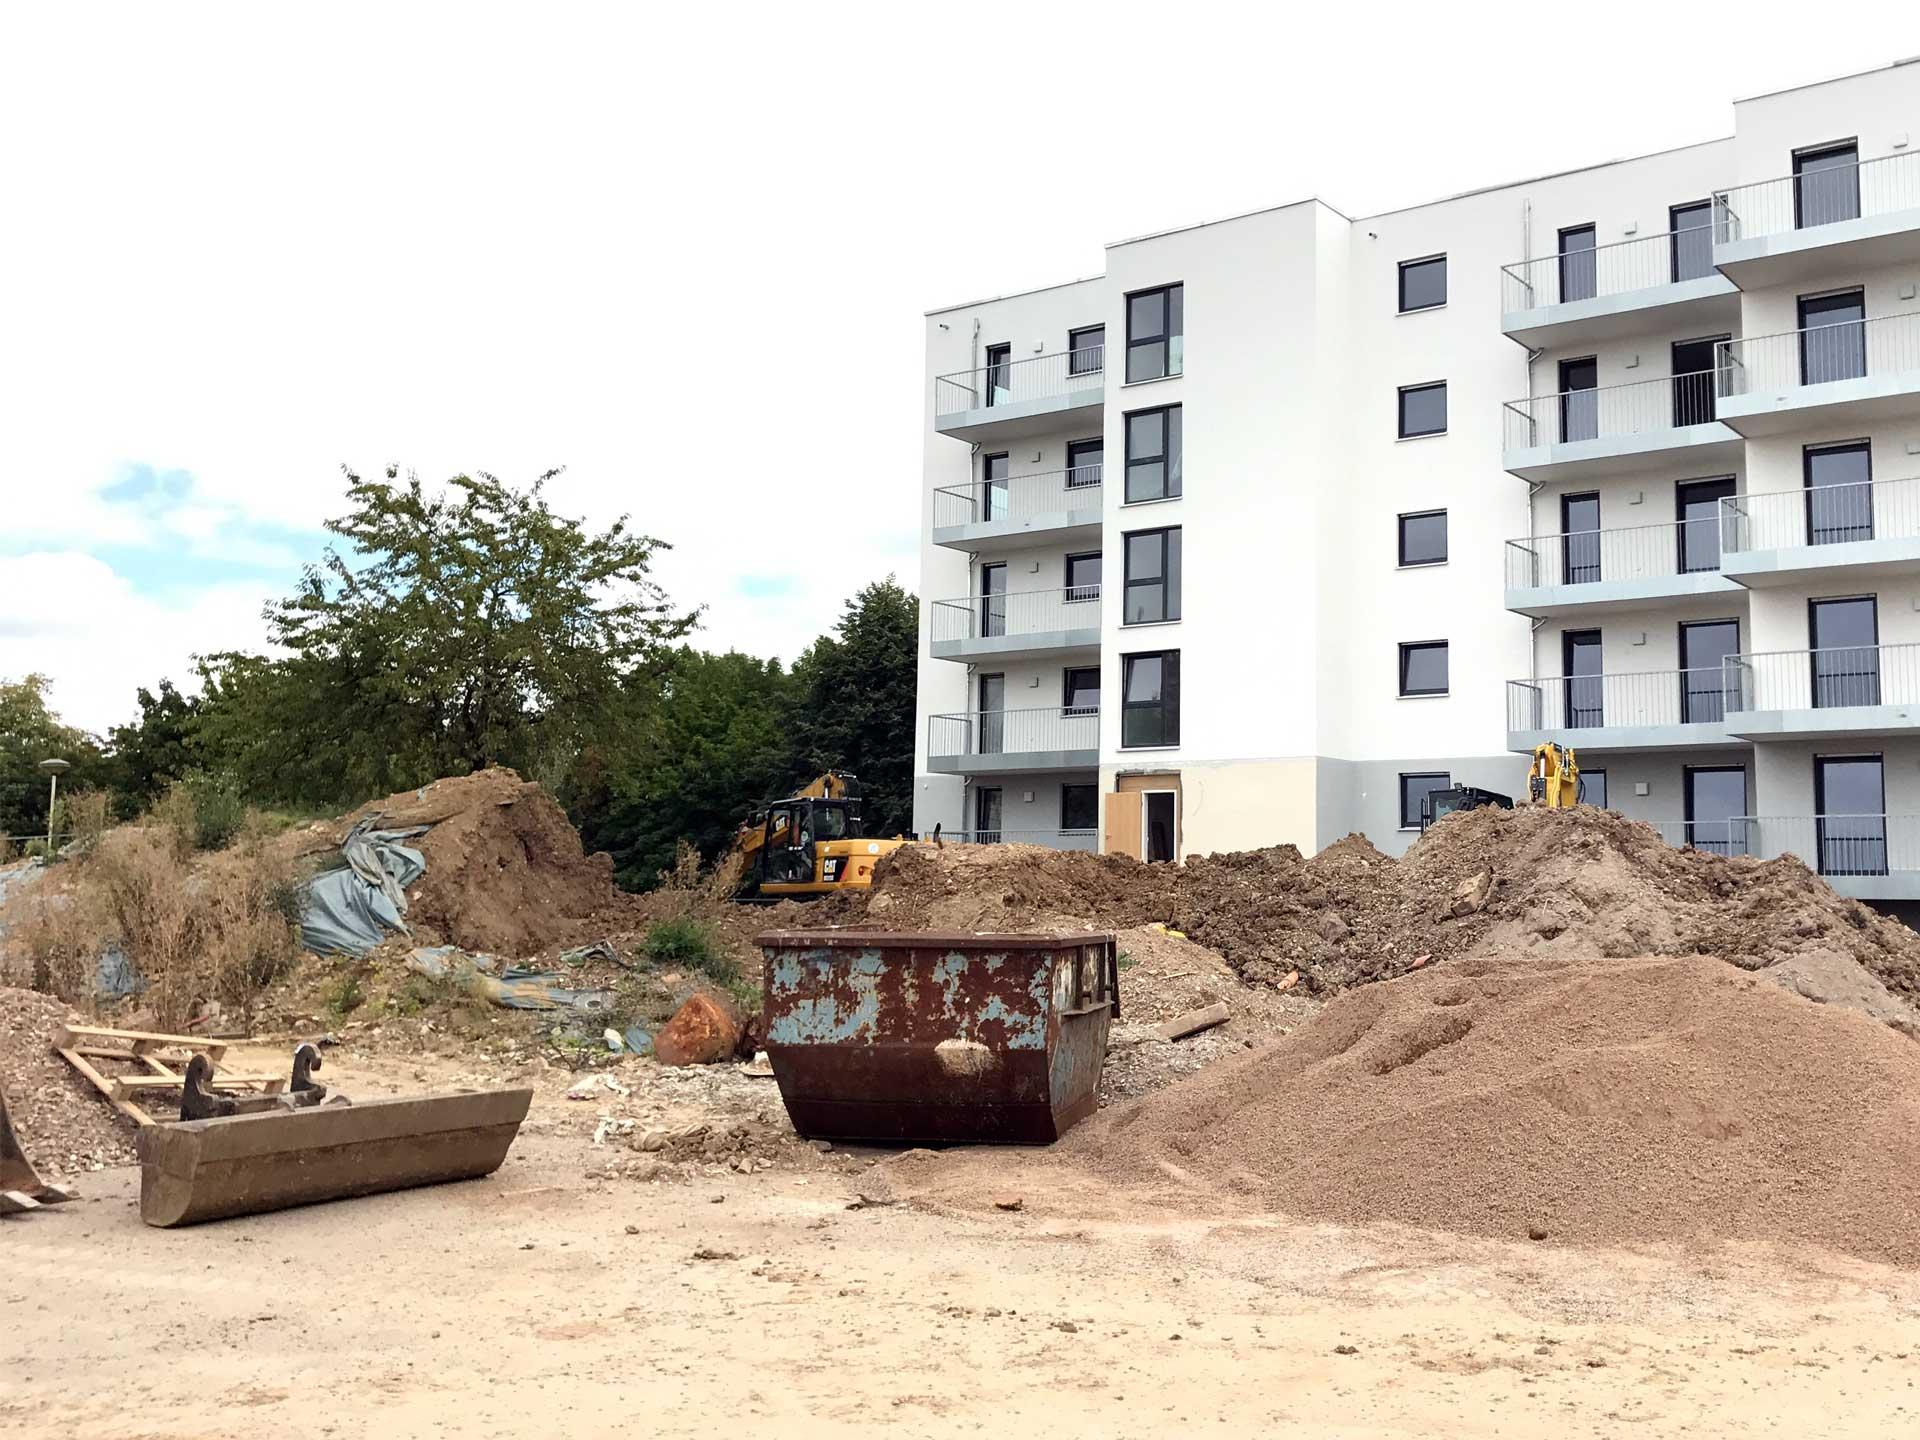 Die Bauarbeiten unseres ersten Mehrfamilienhauses in Erfurt-Süd sind weit fortgeschritten